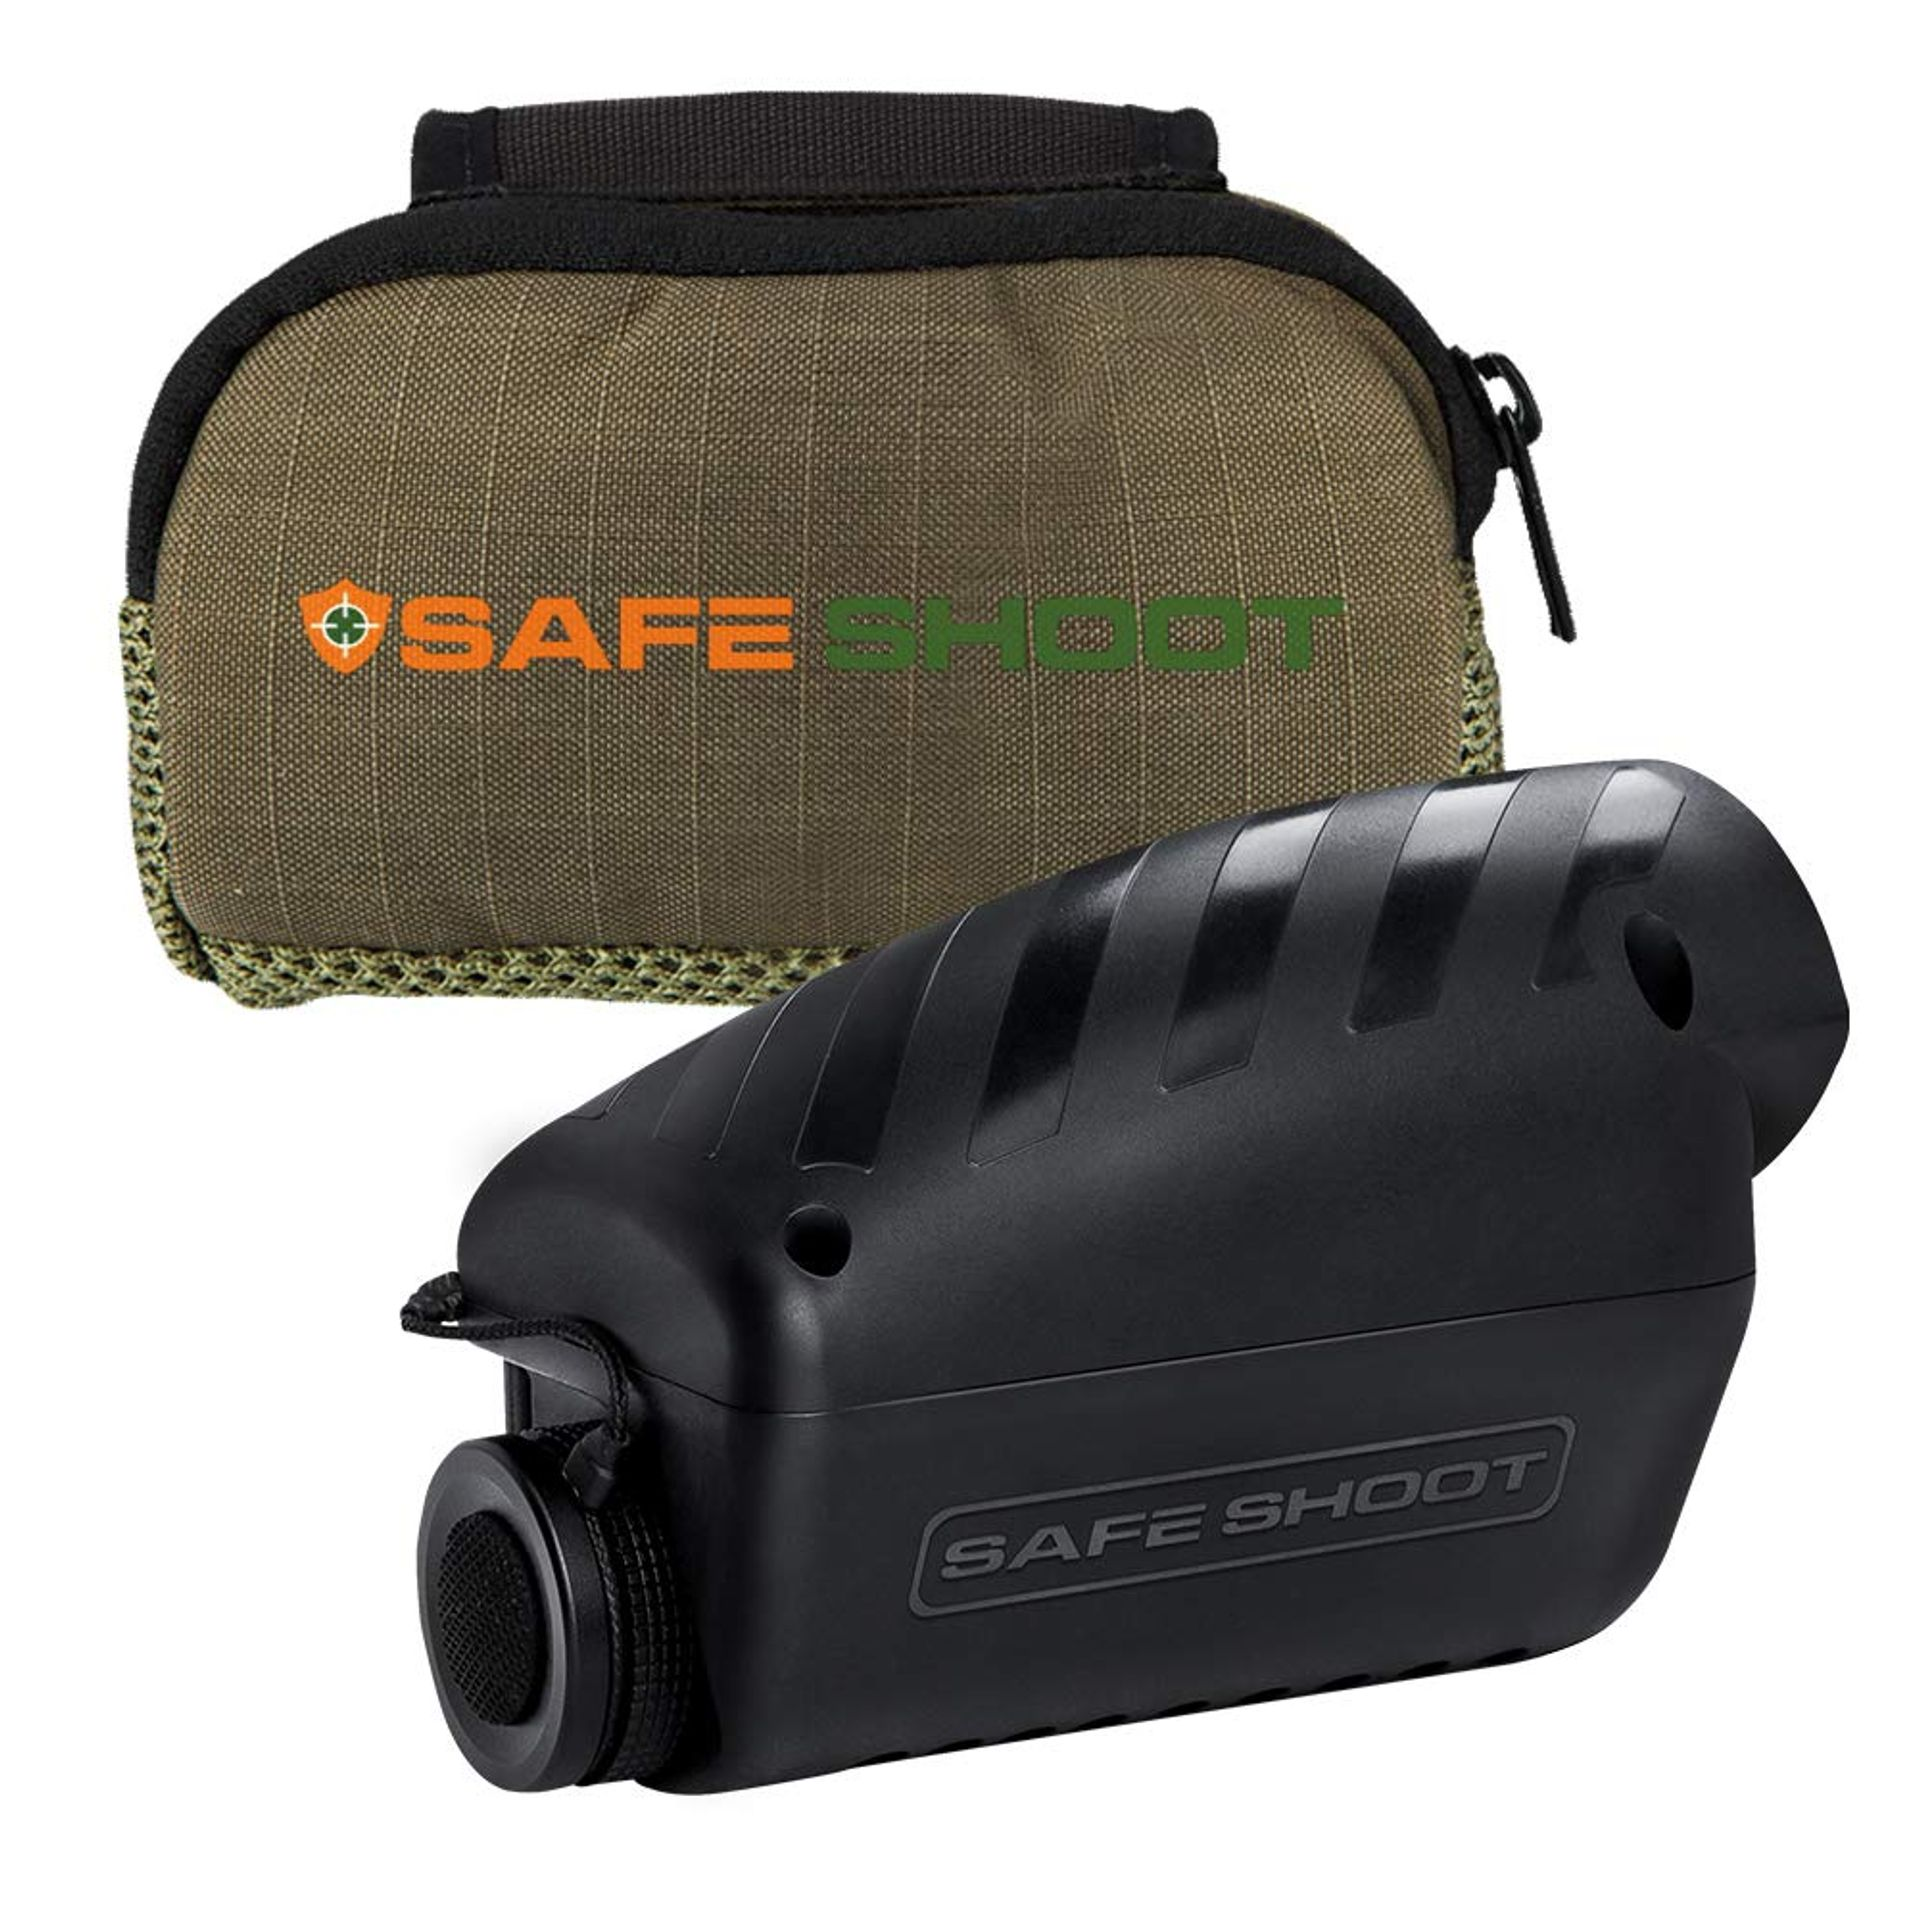 SafeShoot Defender device 2